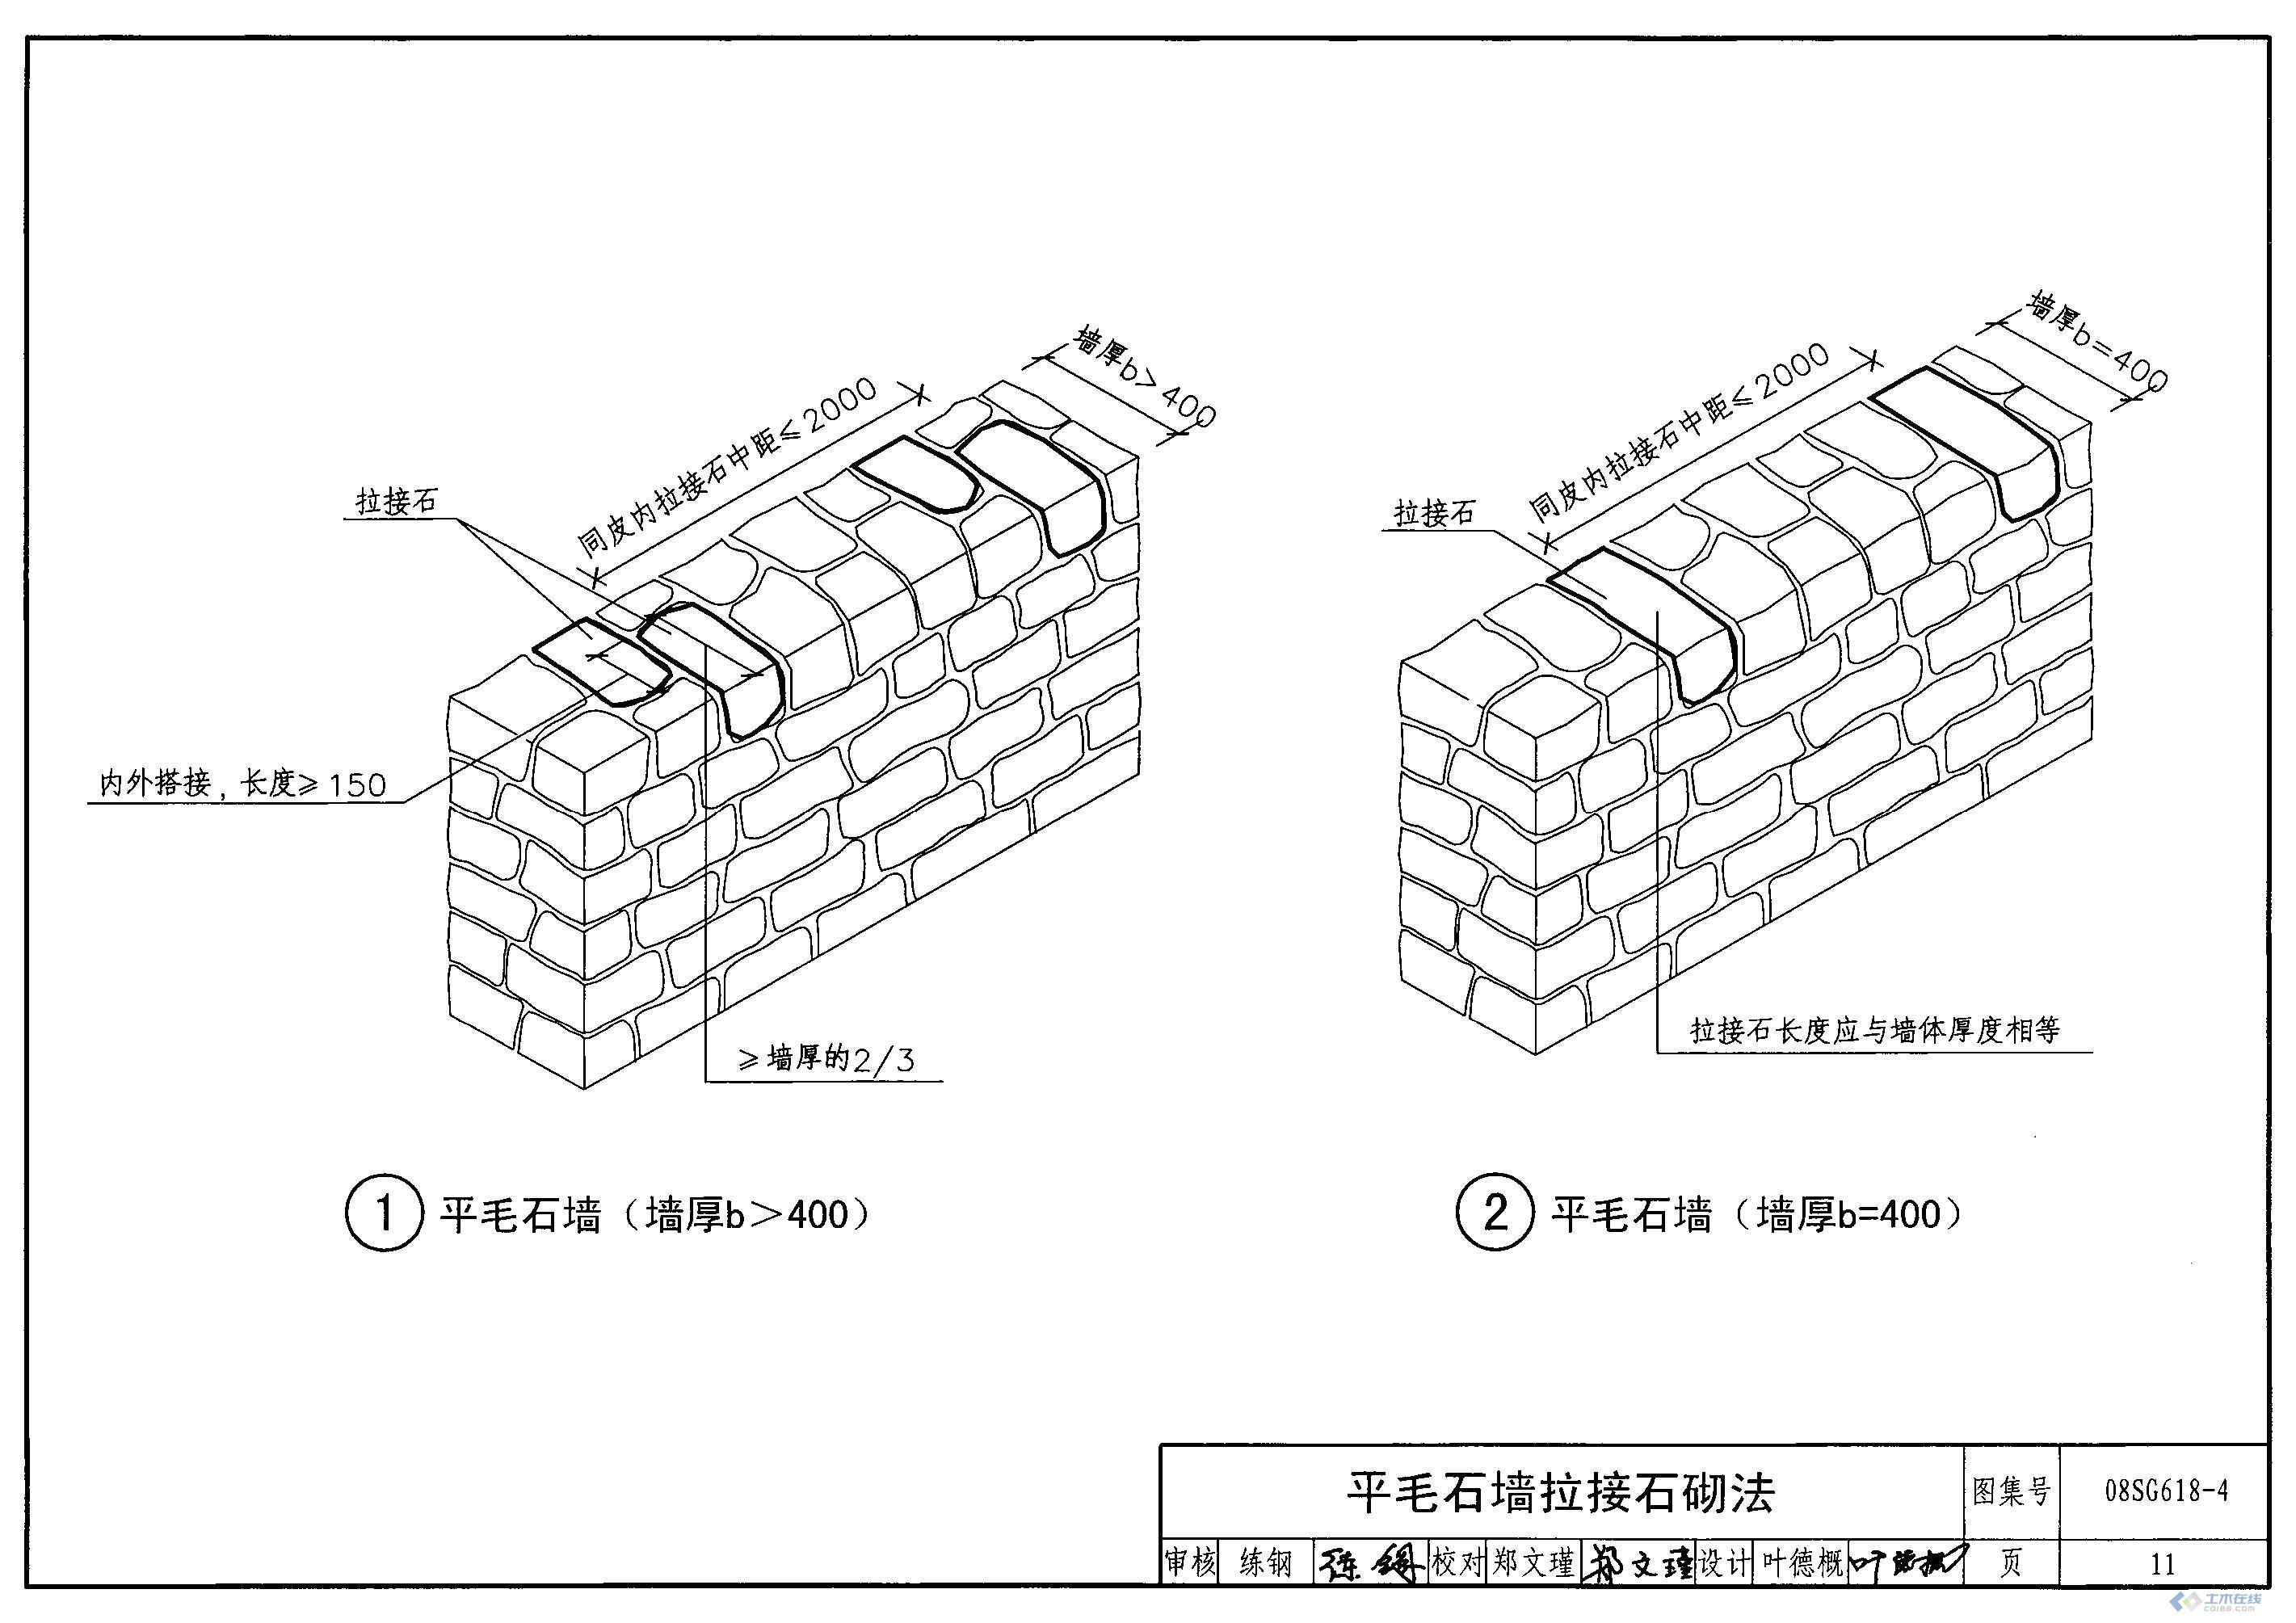 08sg618-4 农村民宅抗震构造详图(石结构房屋)_页面_11.jpg